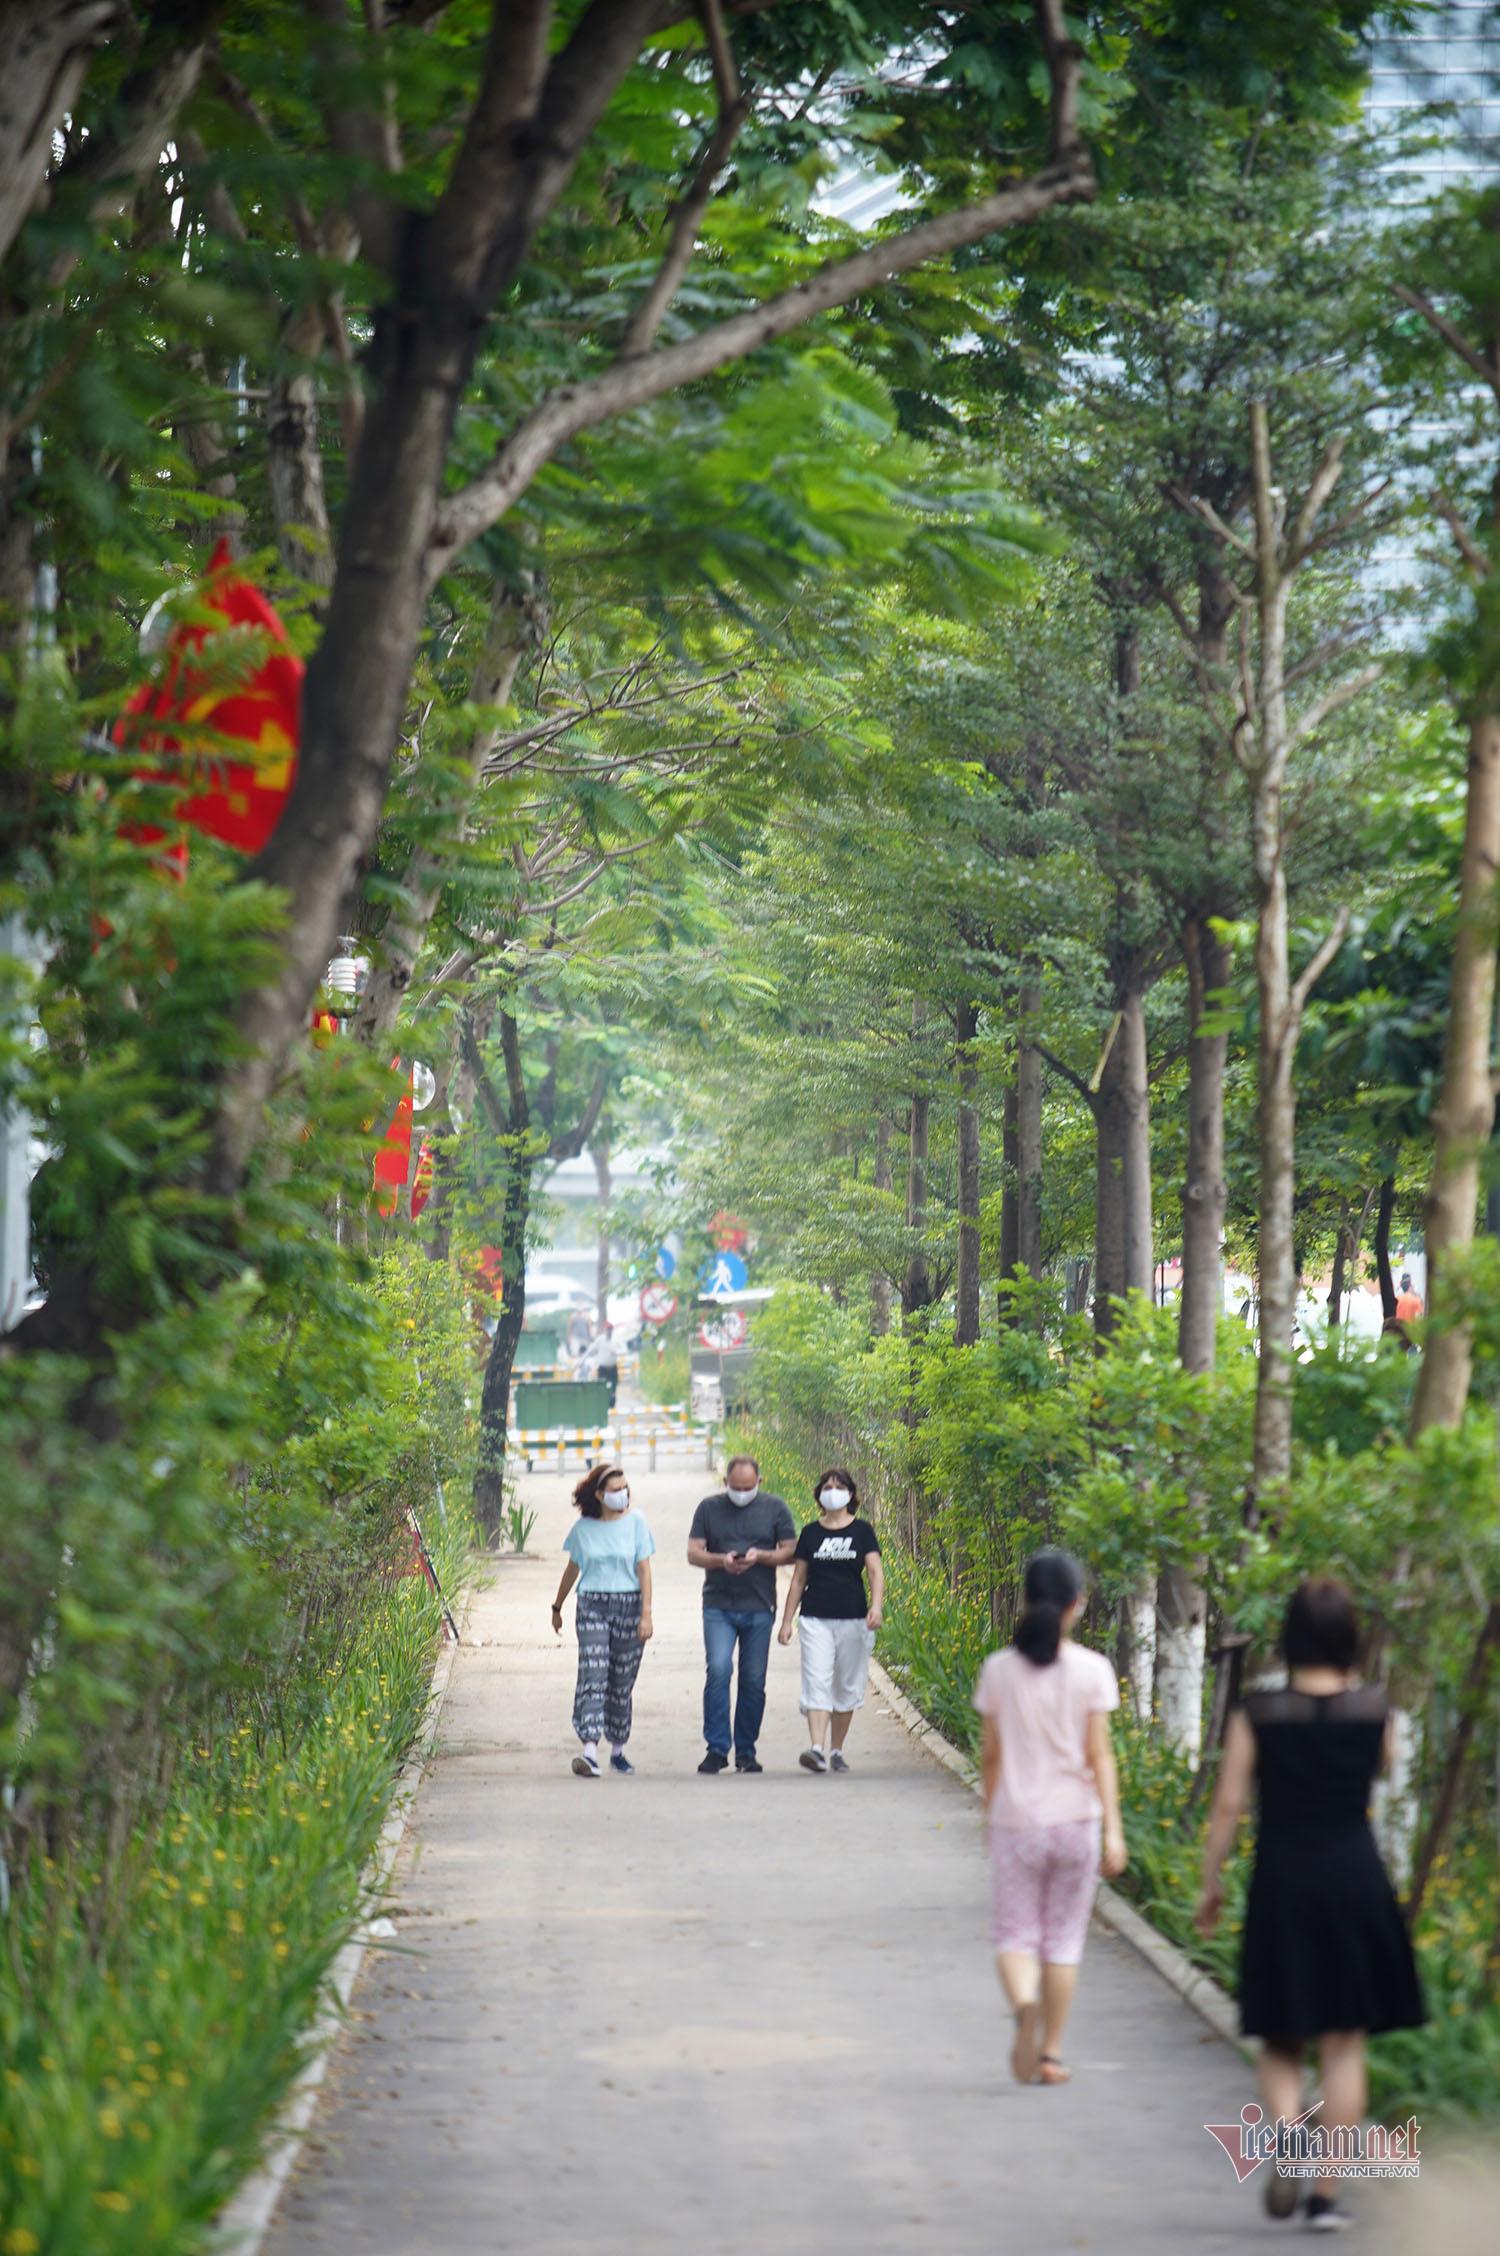 'Hô biến' mương bẩn thành đường ngàn cây xanh mát, ai cũng thích mê